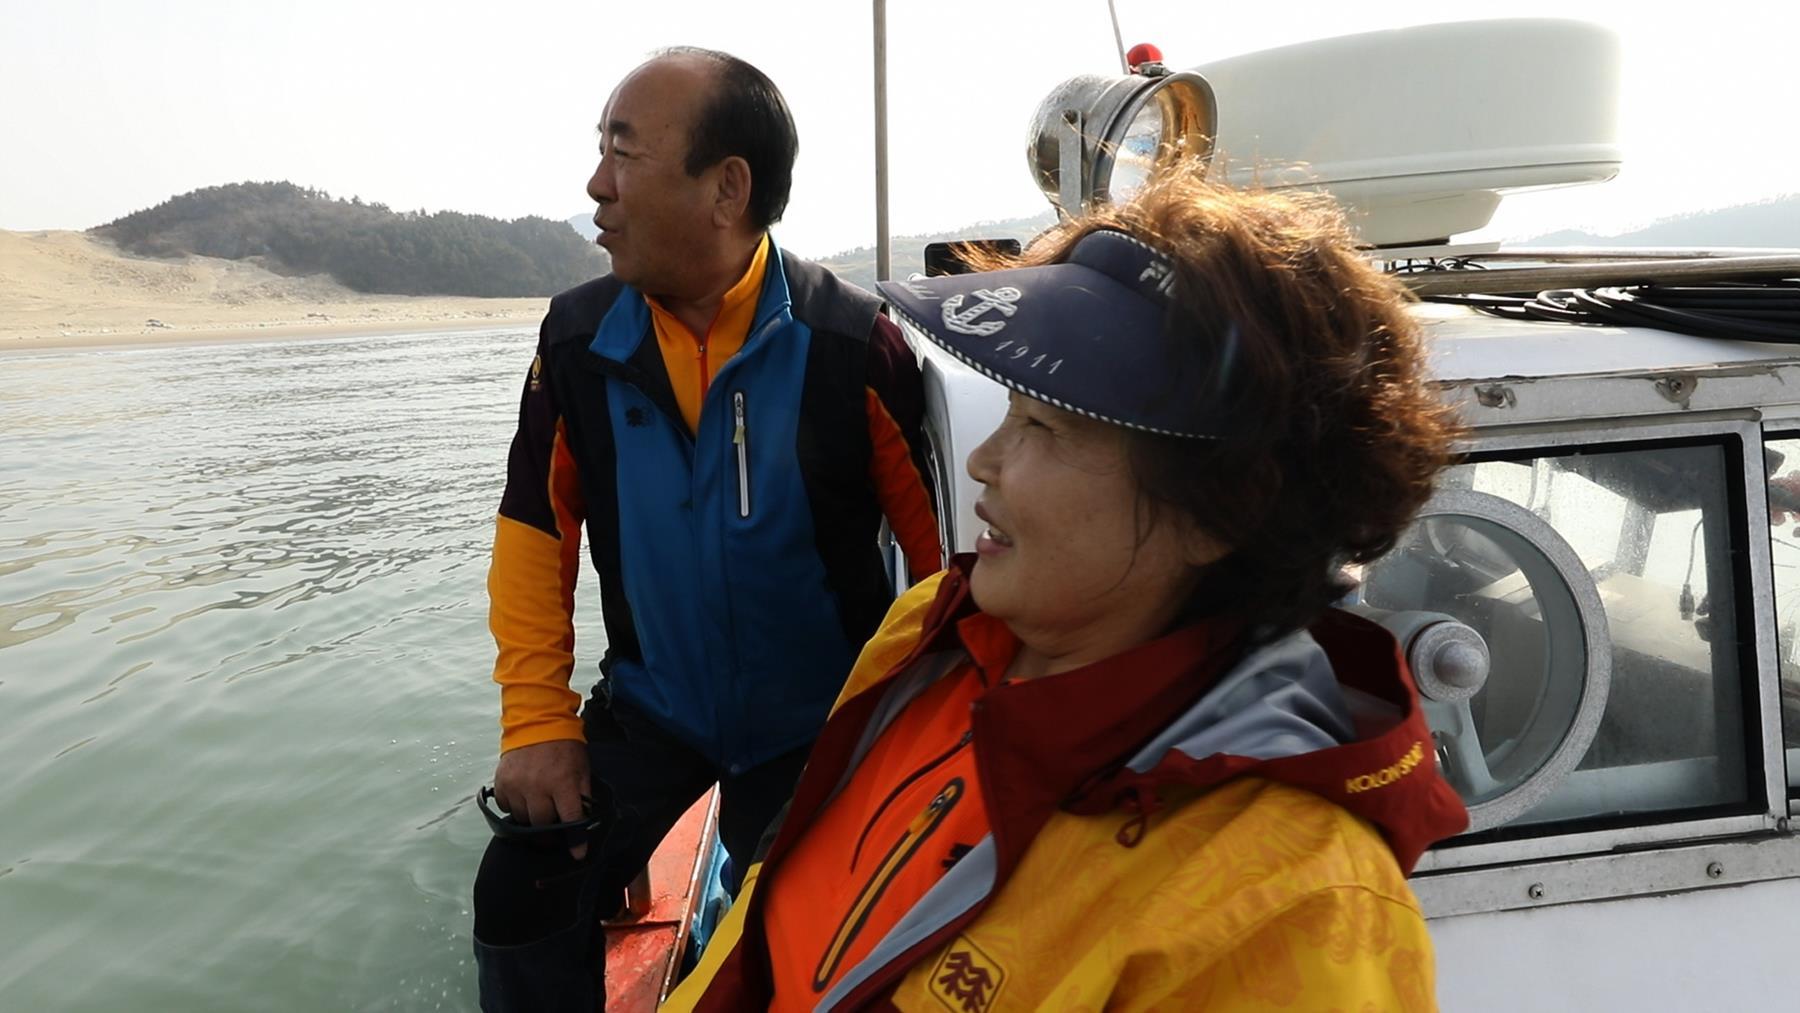 한국기행 - 봄, 비비다 5부 바다도 들고 산도 들었네